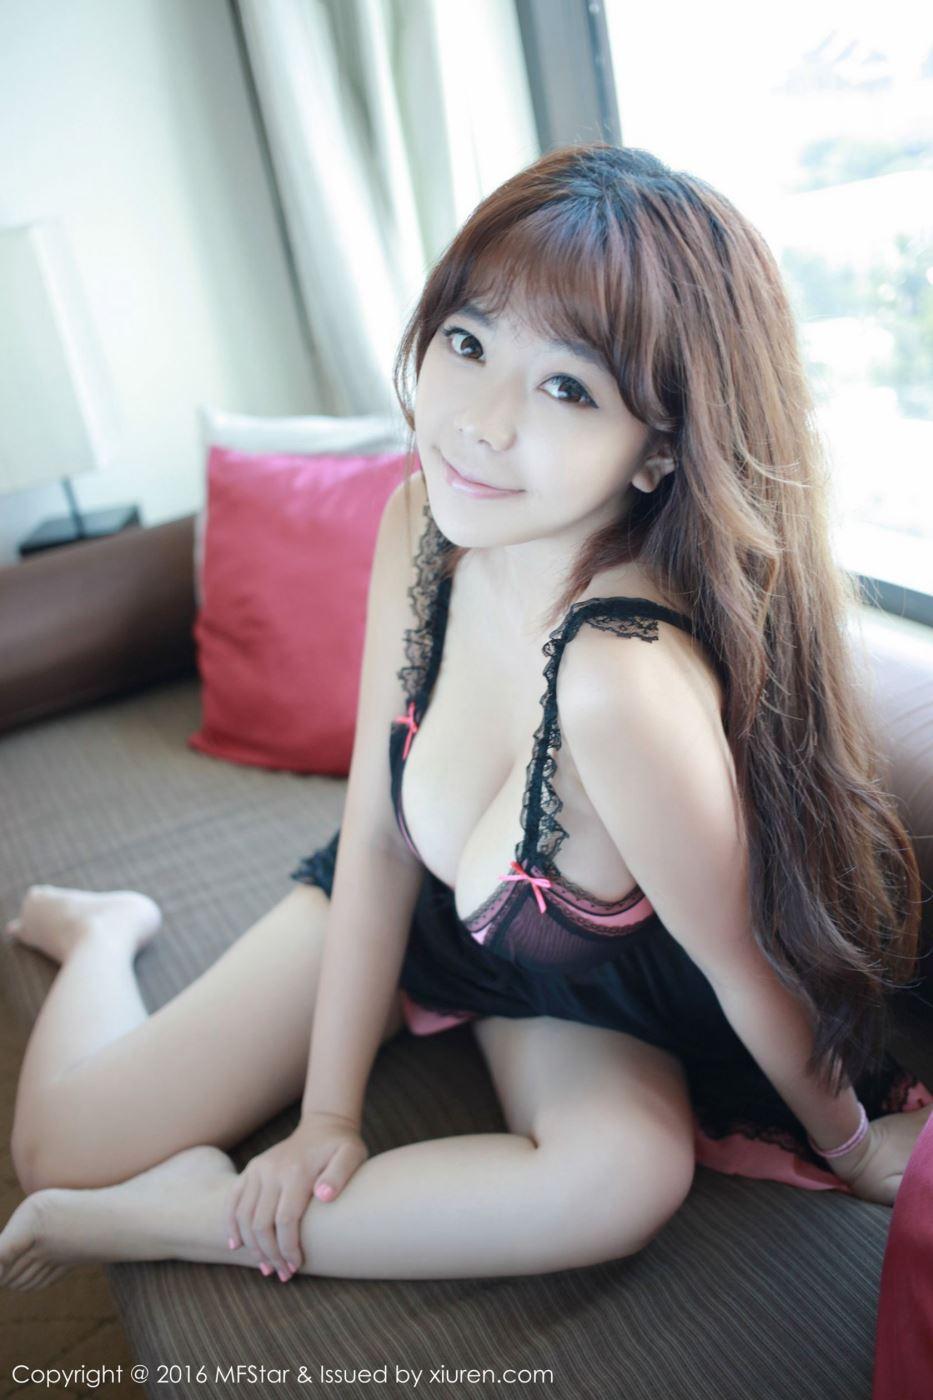 网红美女斗鱼主播刘飞儿童颜巨乳格子衫私房大尺度写真